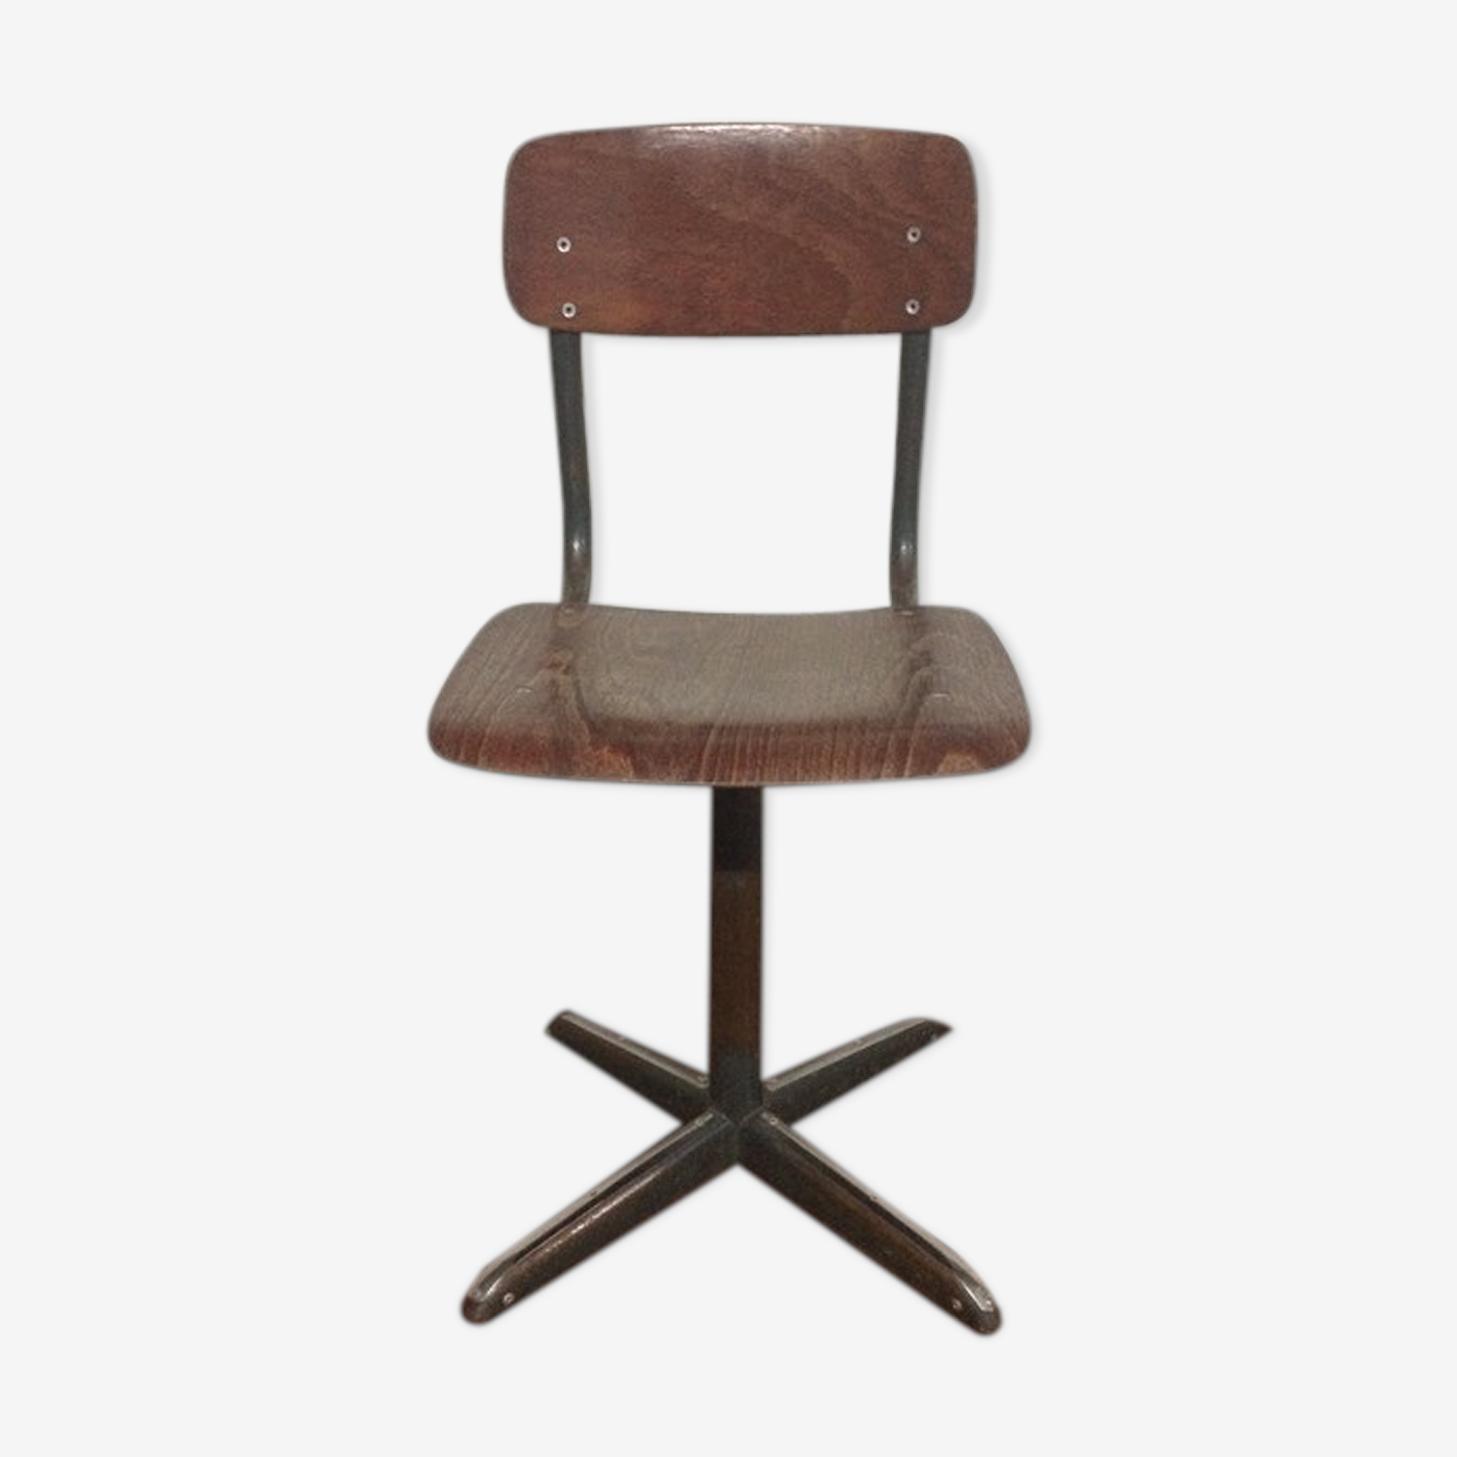 Chaise d'écolier vintage '60s / '70s